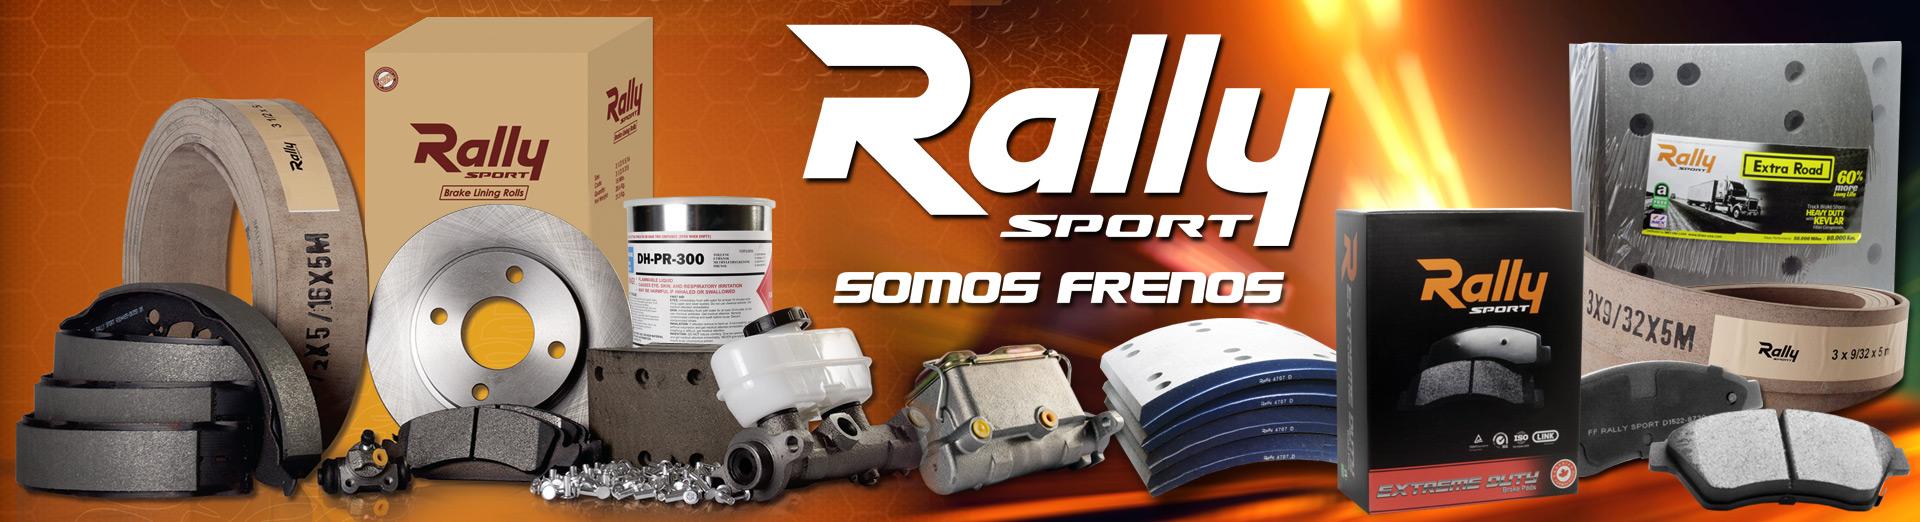 Rally-Sport-frenos-respuestos-piezas-autos-carros-PRODUCTS-BannerTop-1920x522